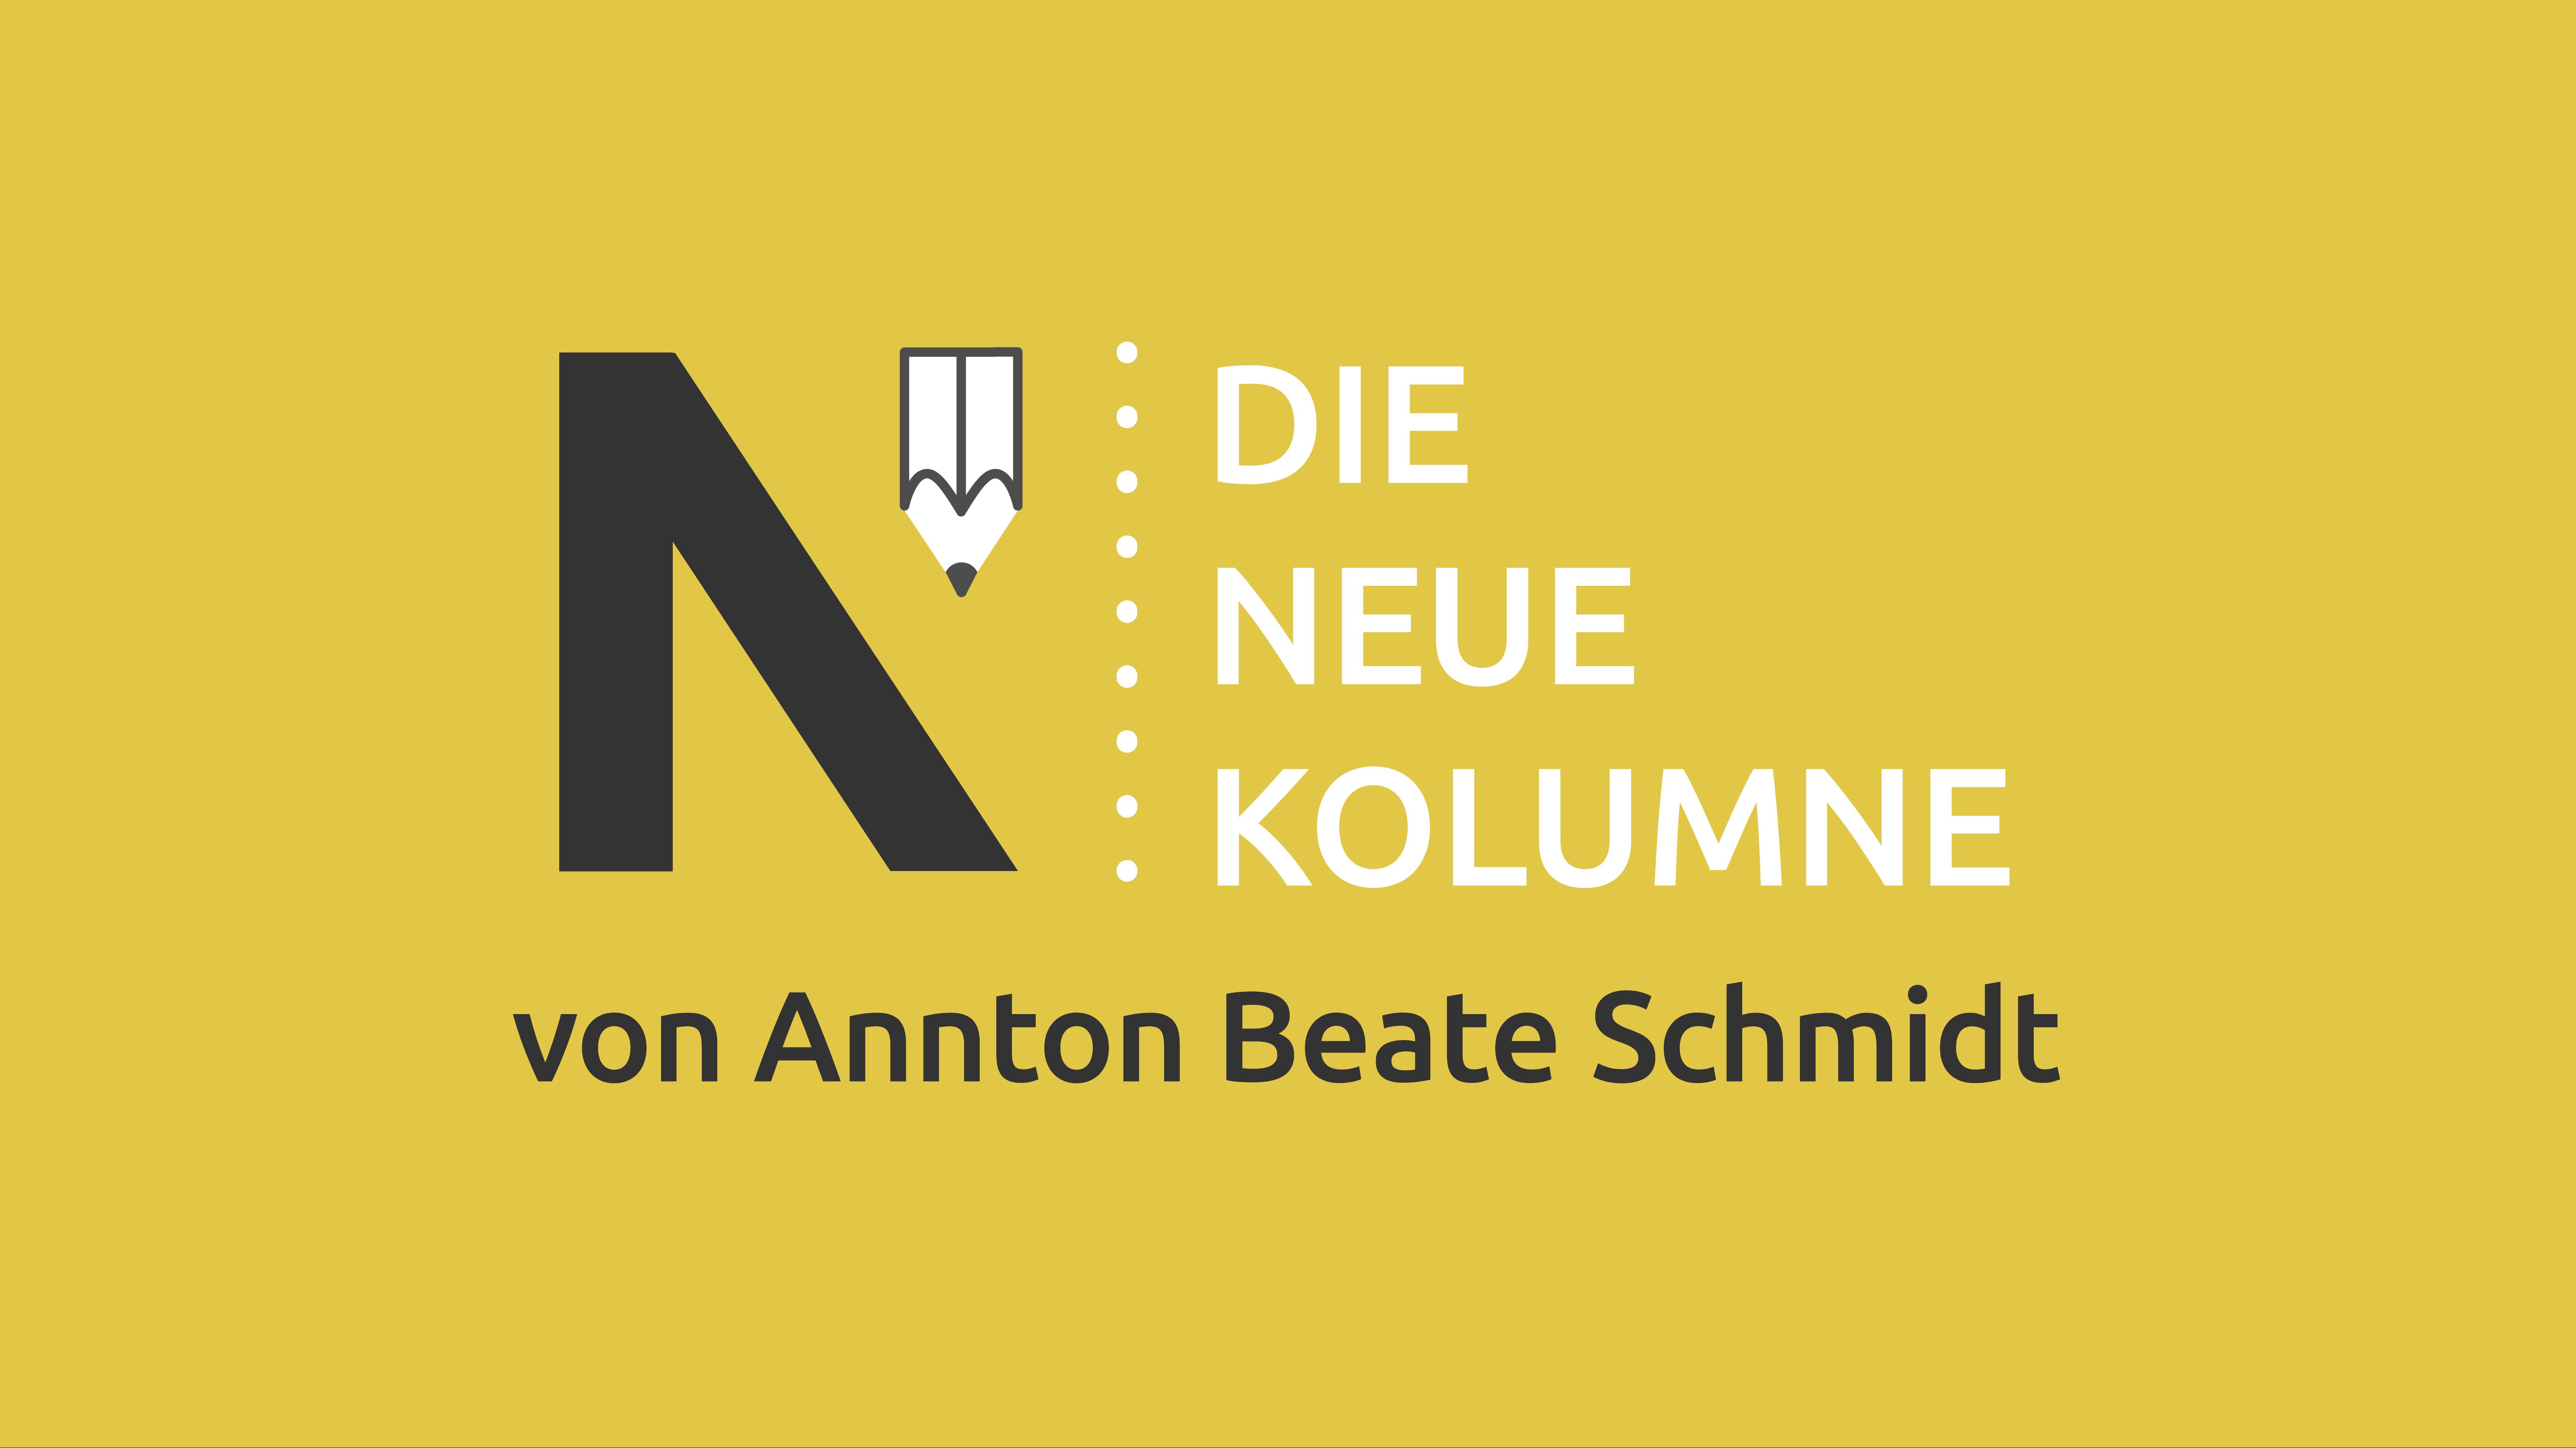 Das Logo von Die Neue Norm auf gelben Grund. Rechts steht: Die Neue Kolumne. Unten Steht: Von Annton Beate Schmidt.